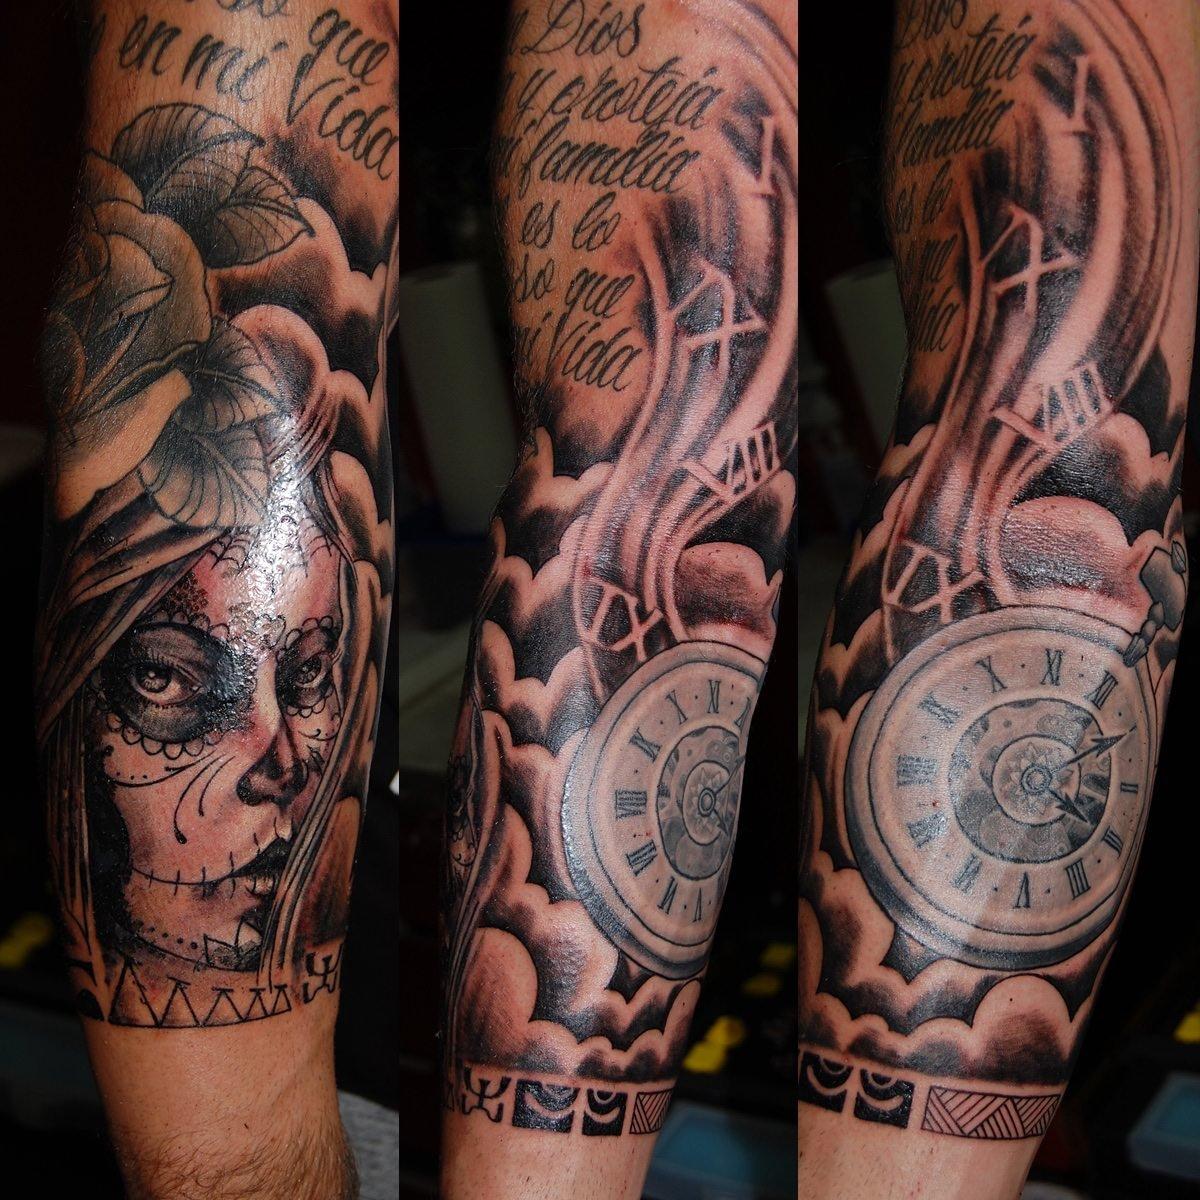 La Catrina Tattoo Symbole